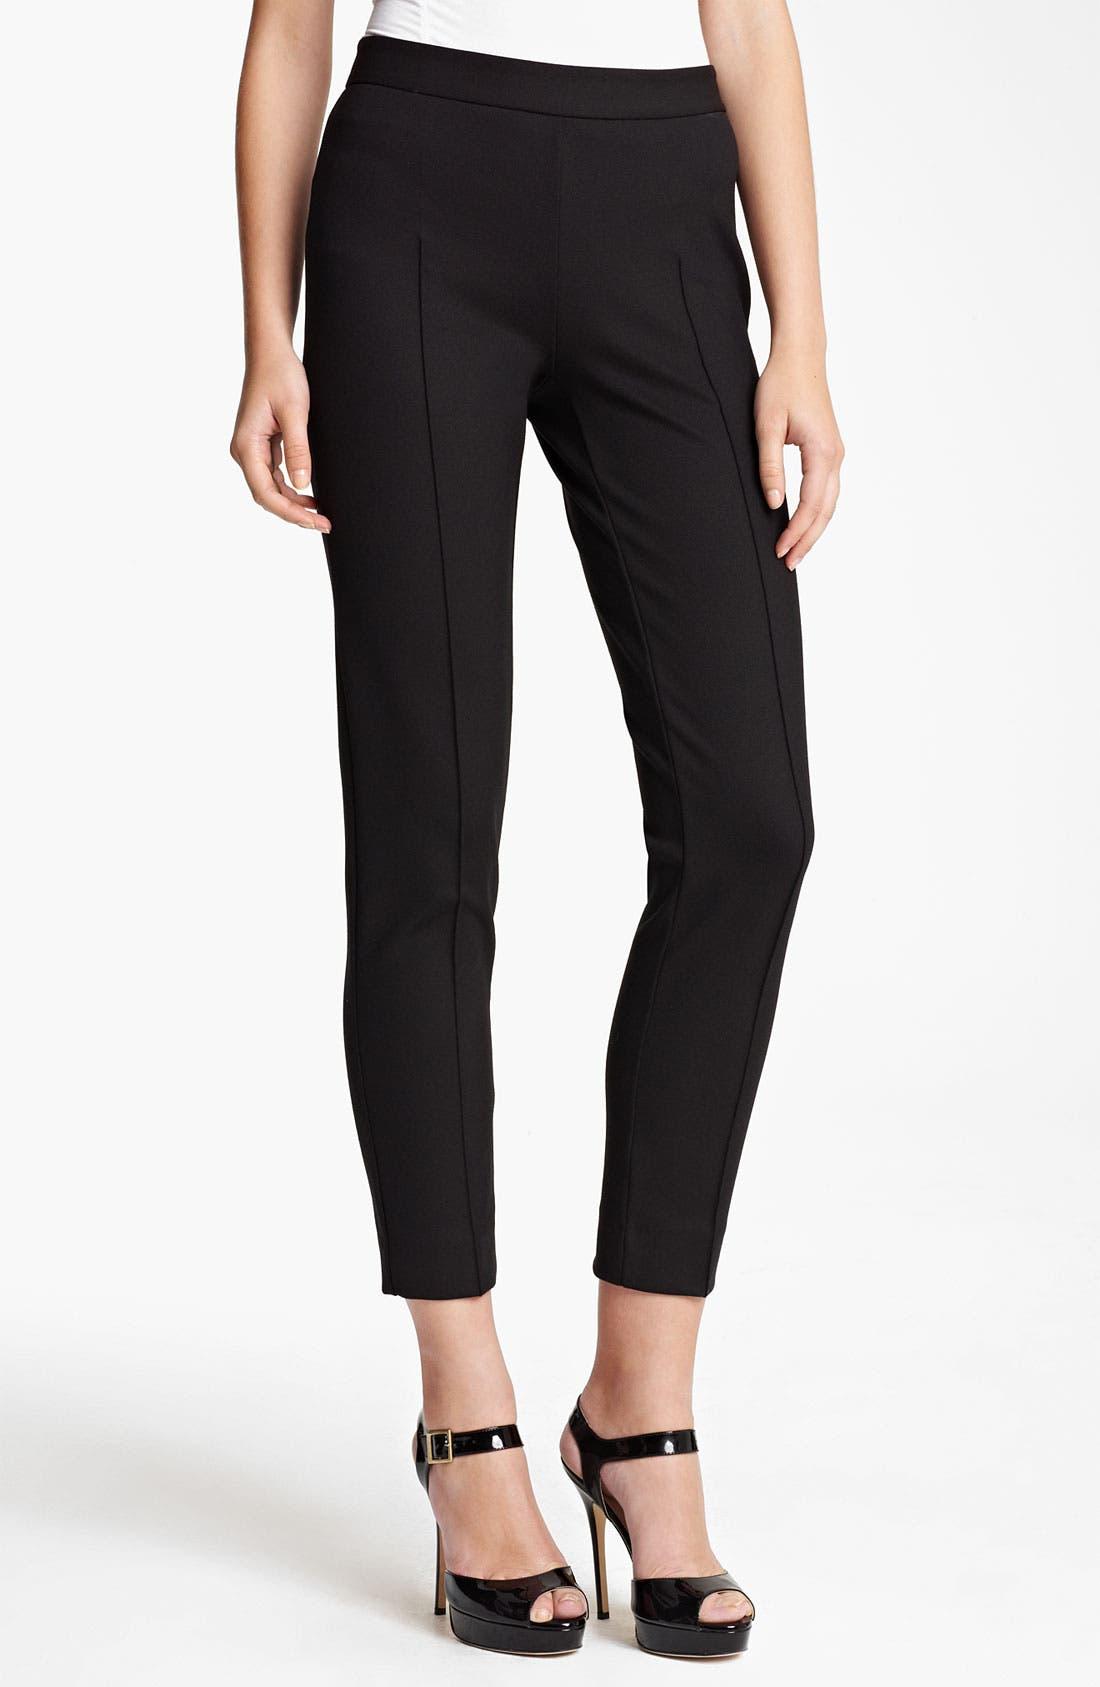 Main Image - Moschino Cheap & Chic Stretch Jersey Knit Pants